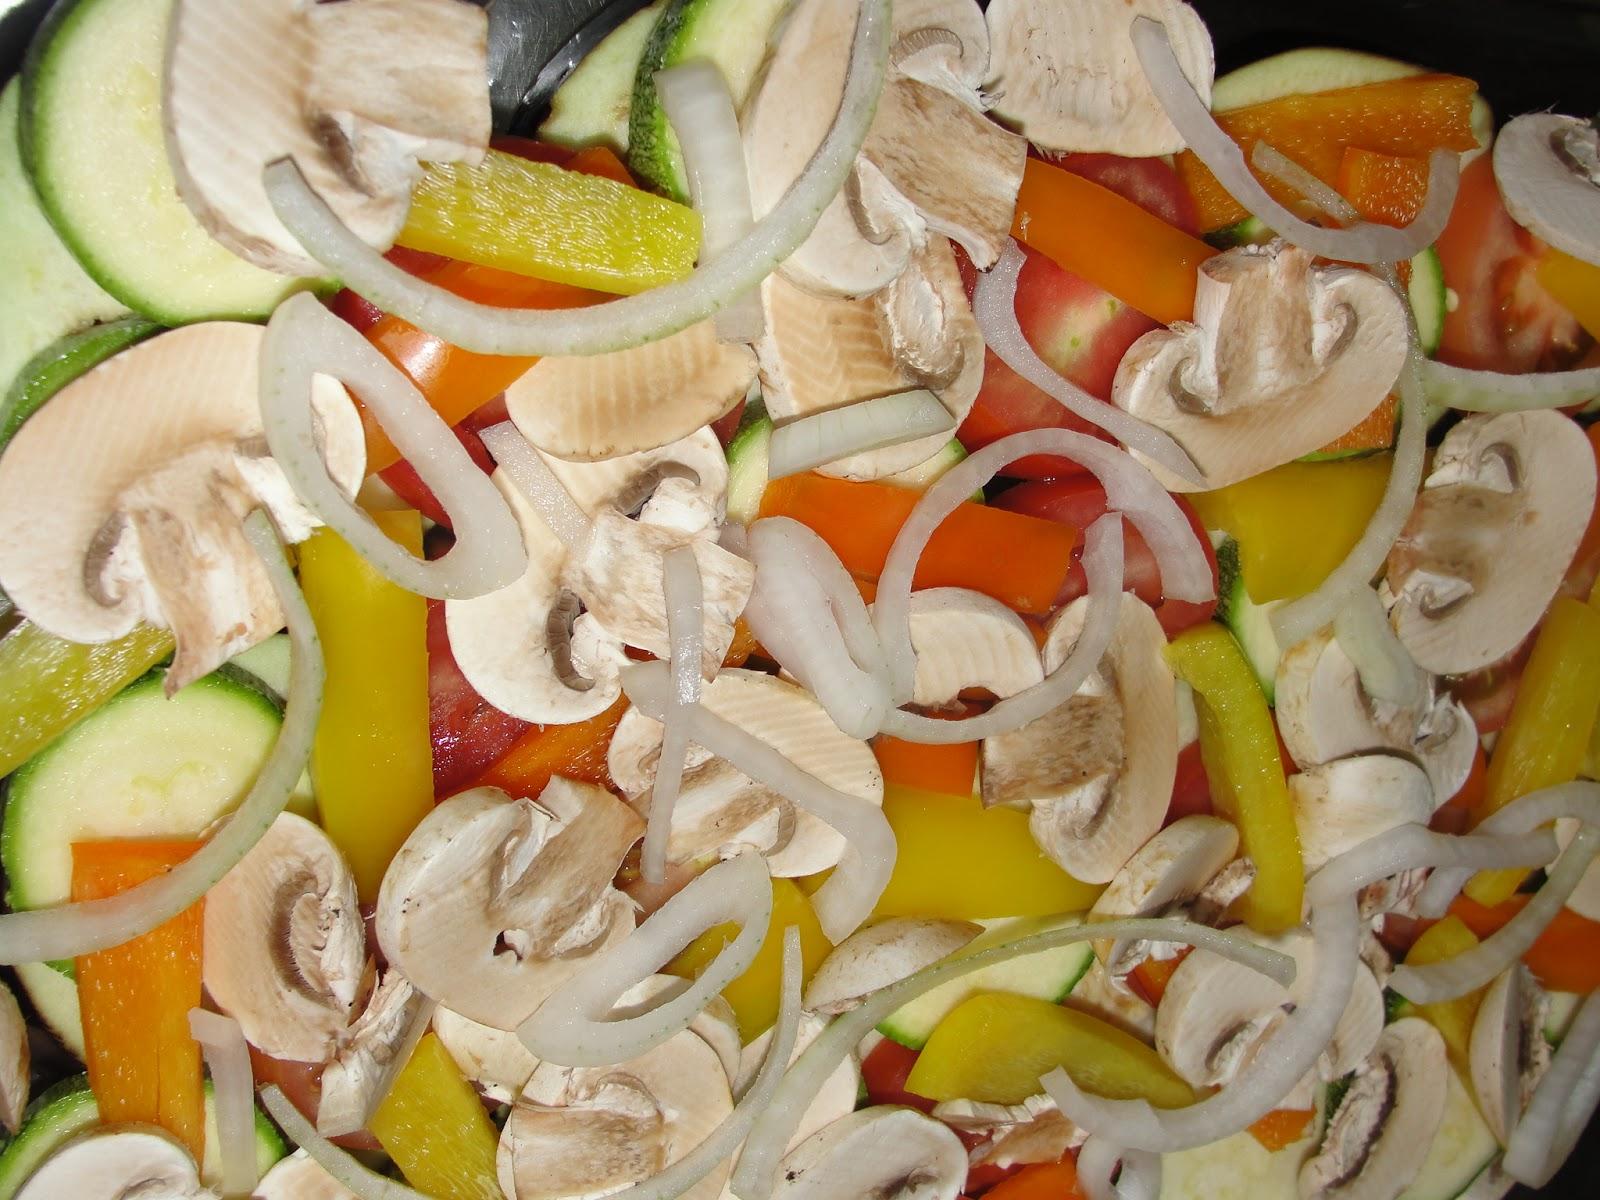 Disfruta cocinar salm n con verduras asadas for Cocinar a 90 grados